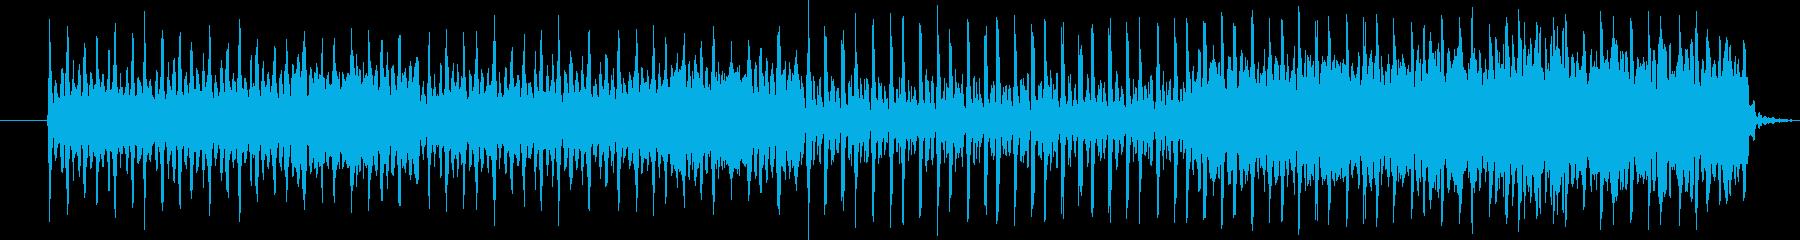 リズミカルな明るいポップスの再生済みの波形